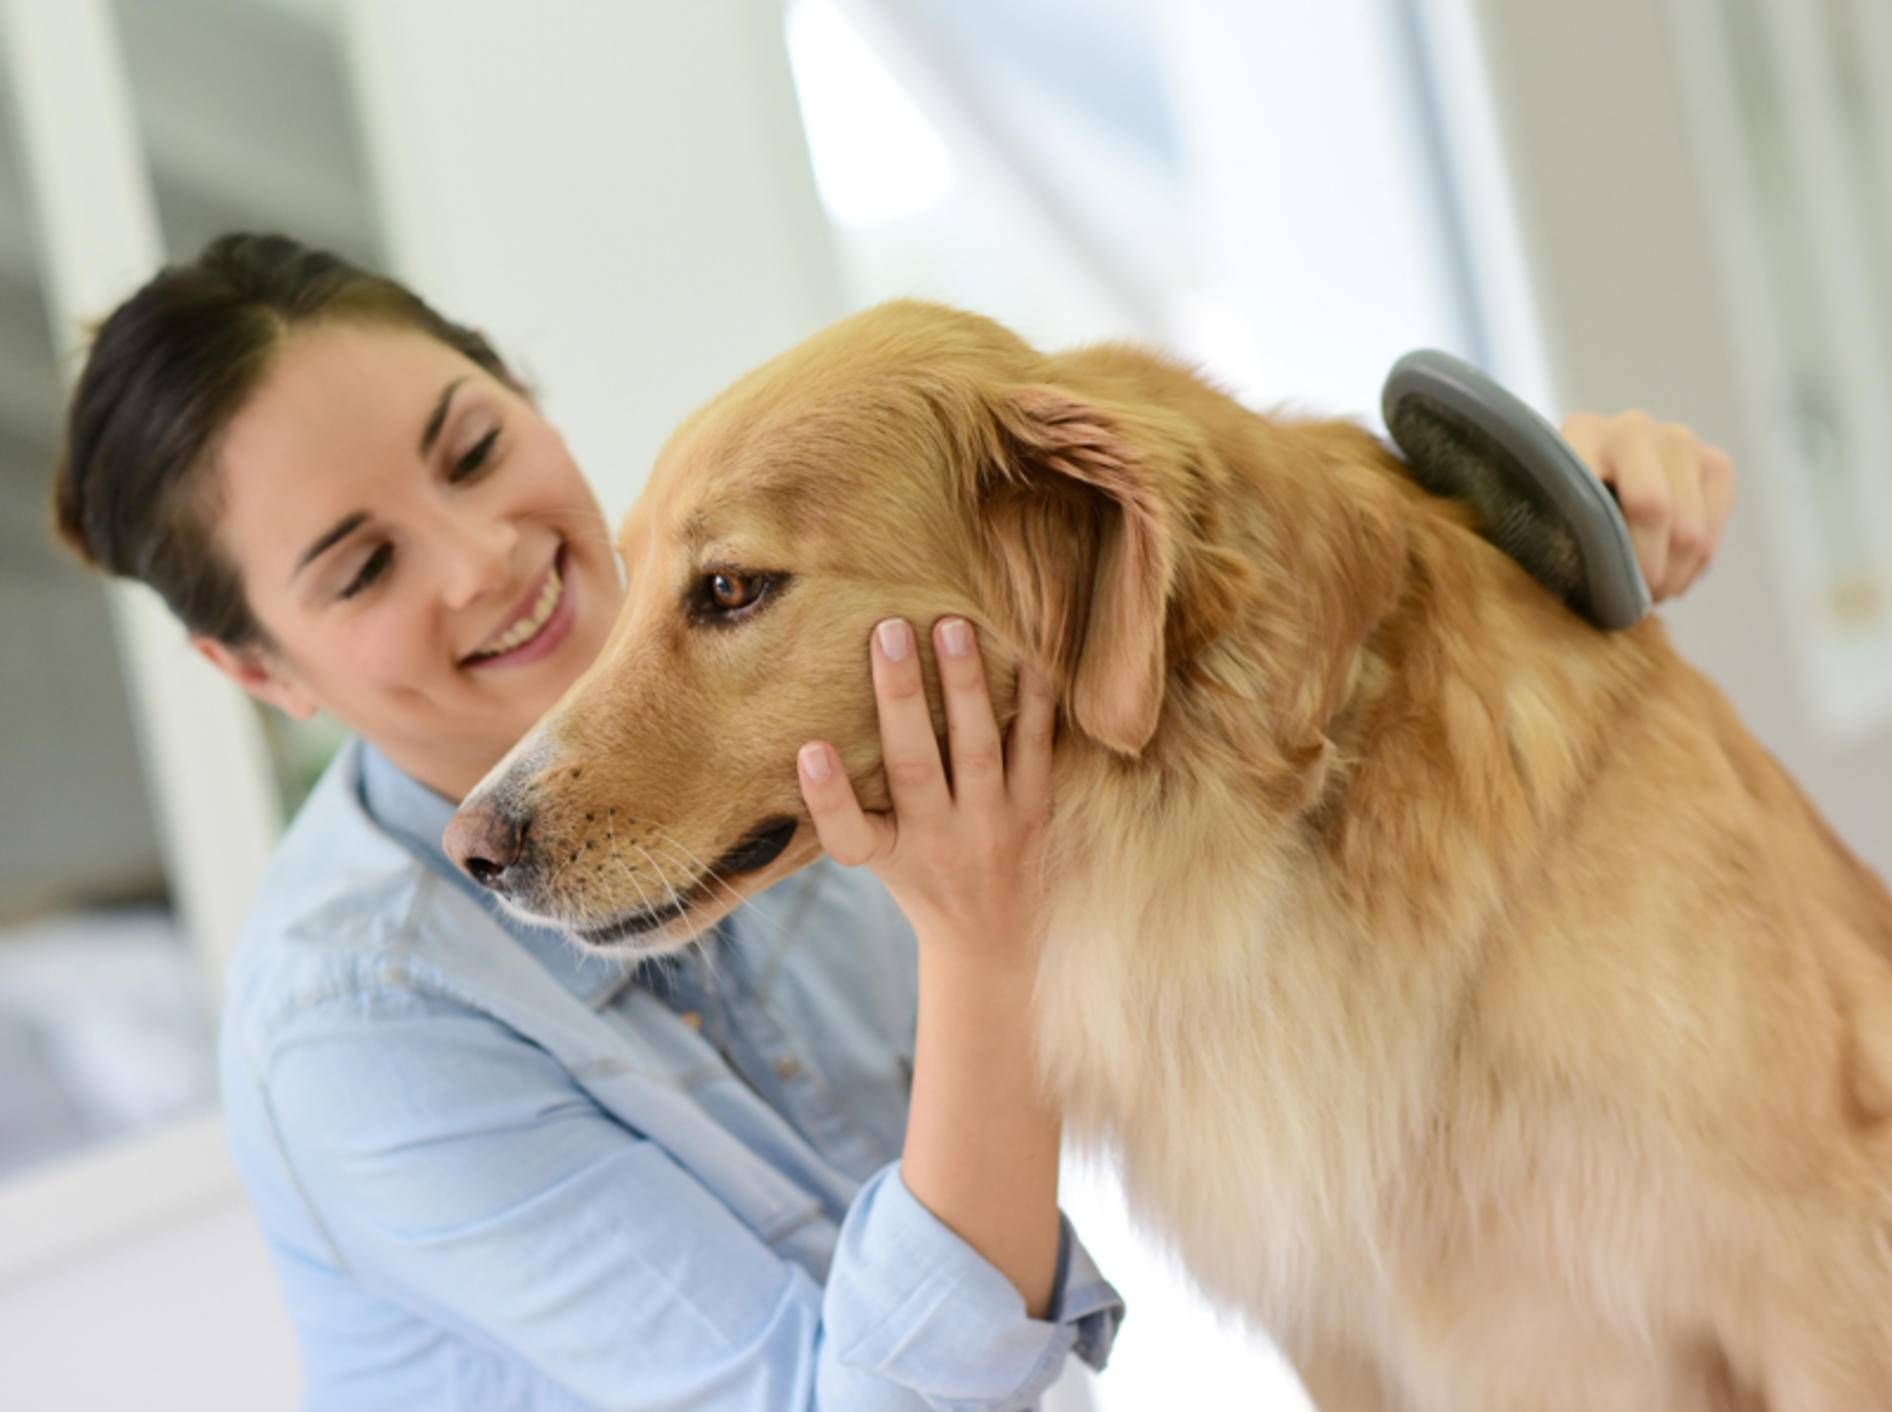 Wenn Ihr Hund Schuppen hat, gibt es verschiedene Methoden zur Behandlung. Eine davon: Bürsten, Bürsten, Bürsten.